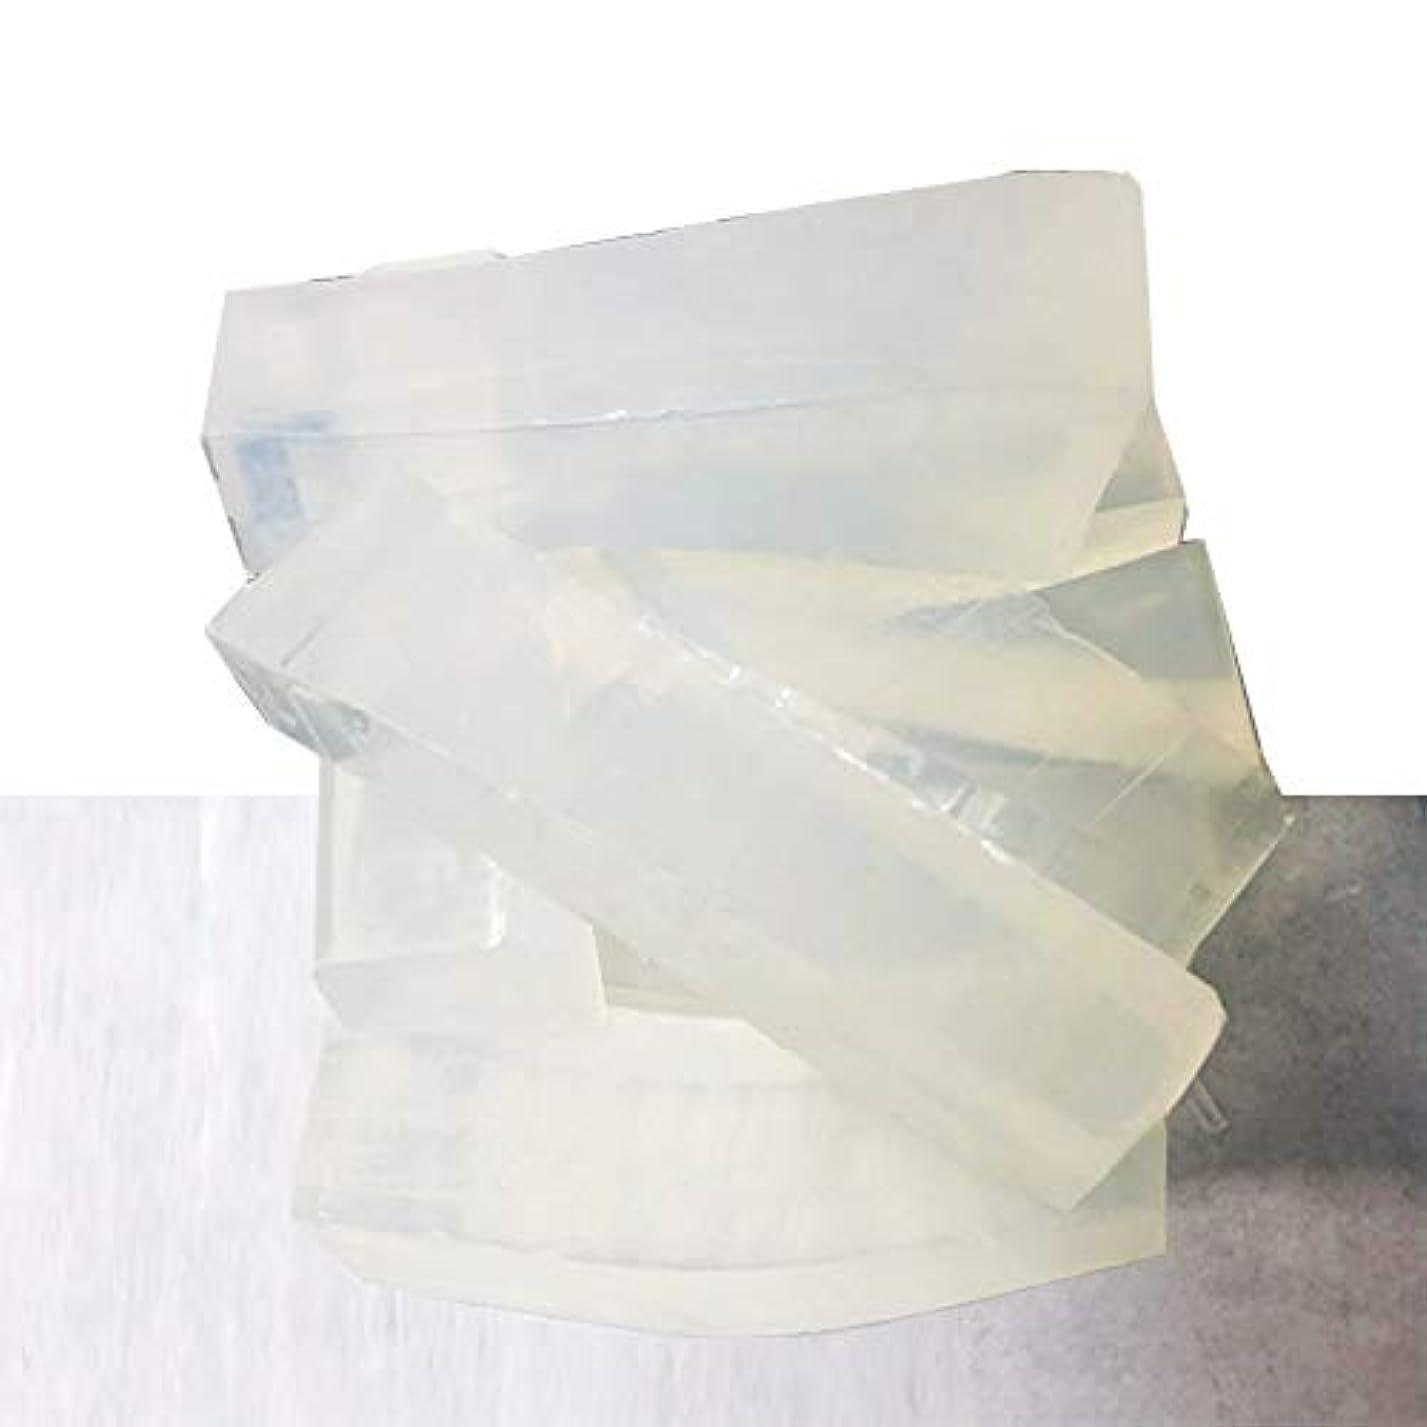 成長する絶望被害者グリセリンソープ(MPソープ)2kg(2,000g)クリア